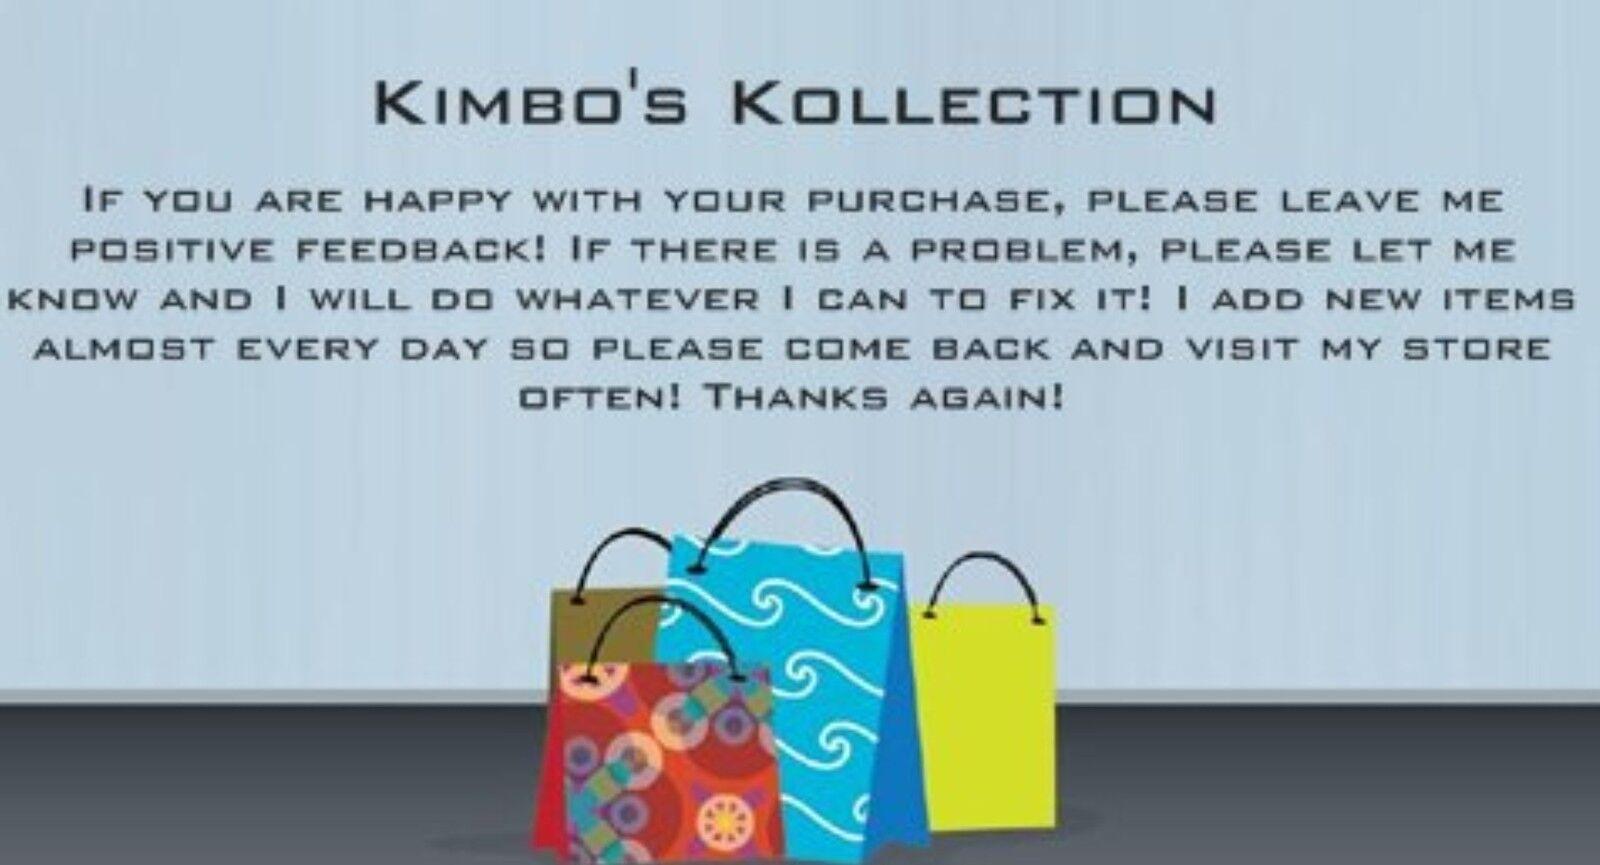 Kimbo's Kollection